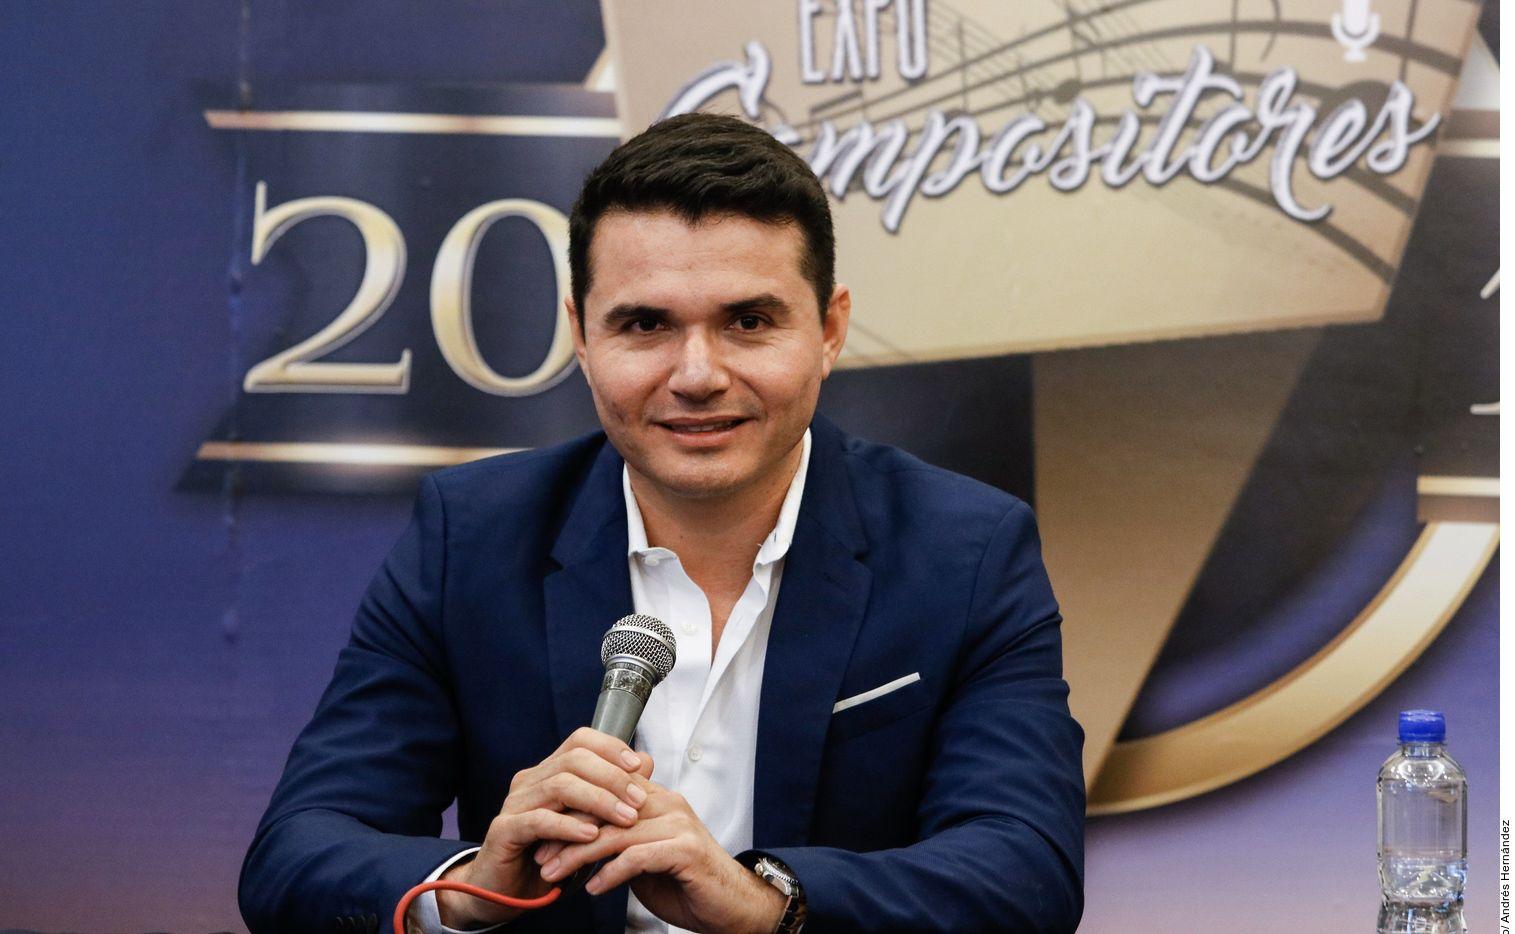 Al ser compositor, Horacio Palencia (foto) ha visto crecer muchas de sus canciones en voces de otros grupos, como 'A Través del Vaso', de Grupo Arranke; o 'Mi Razón de Ser', de la Banda MS.